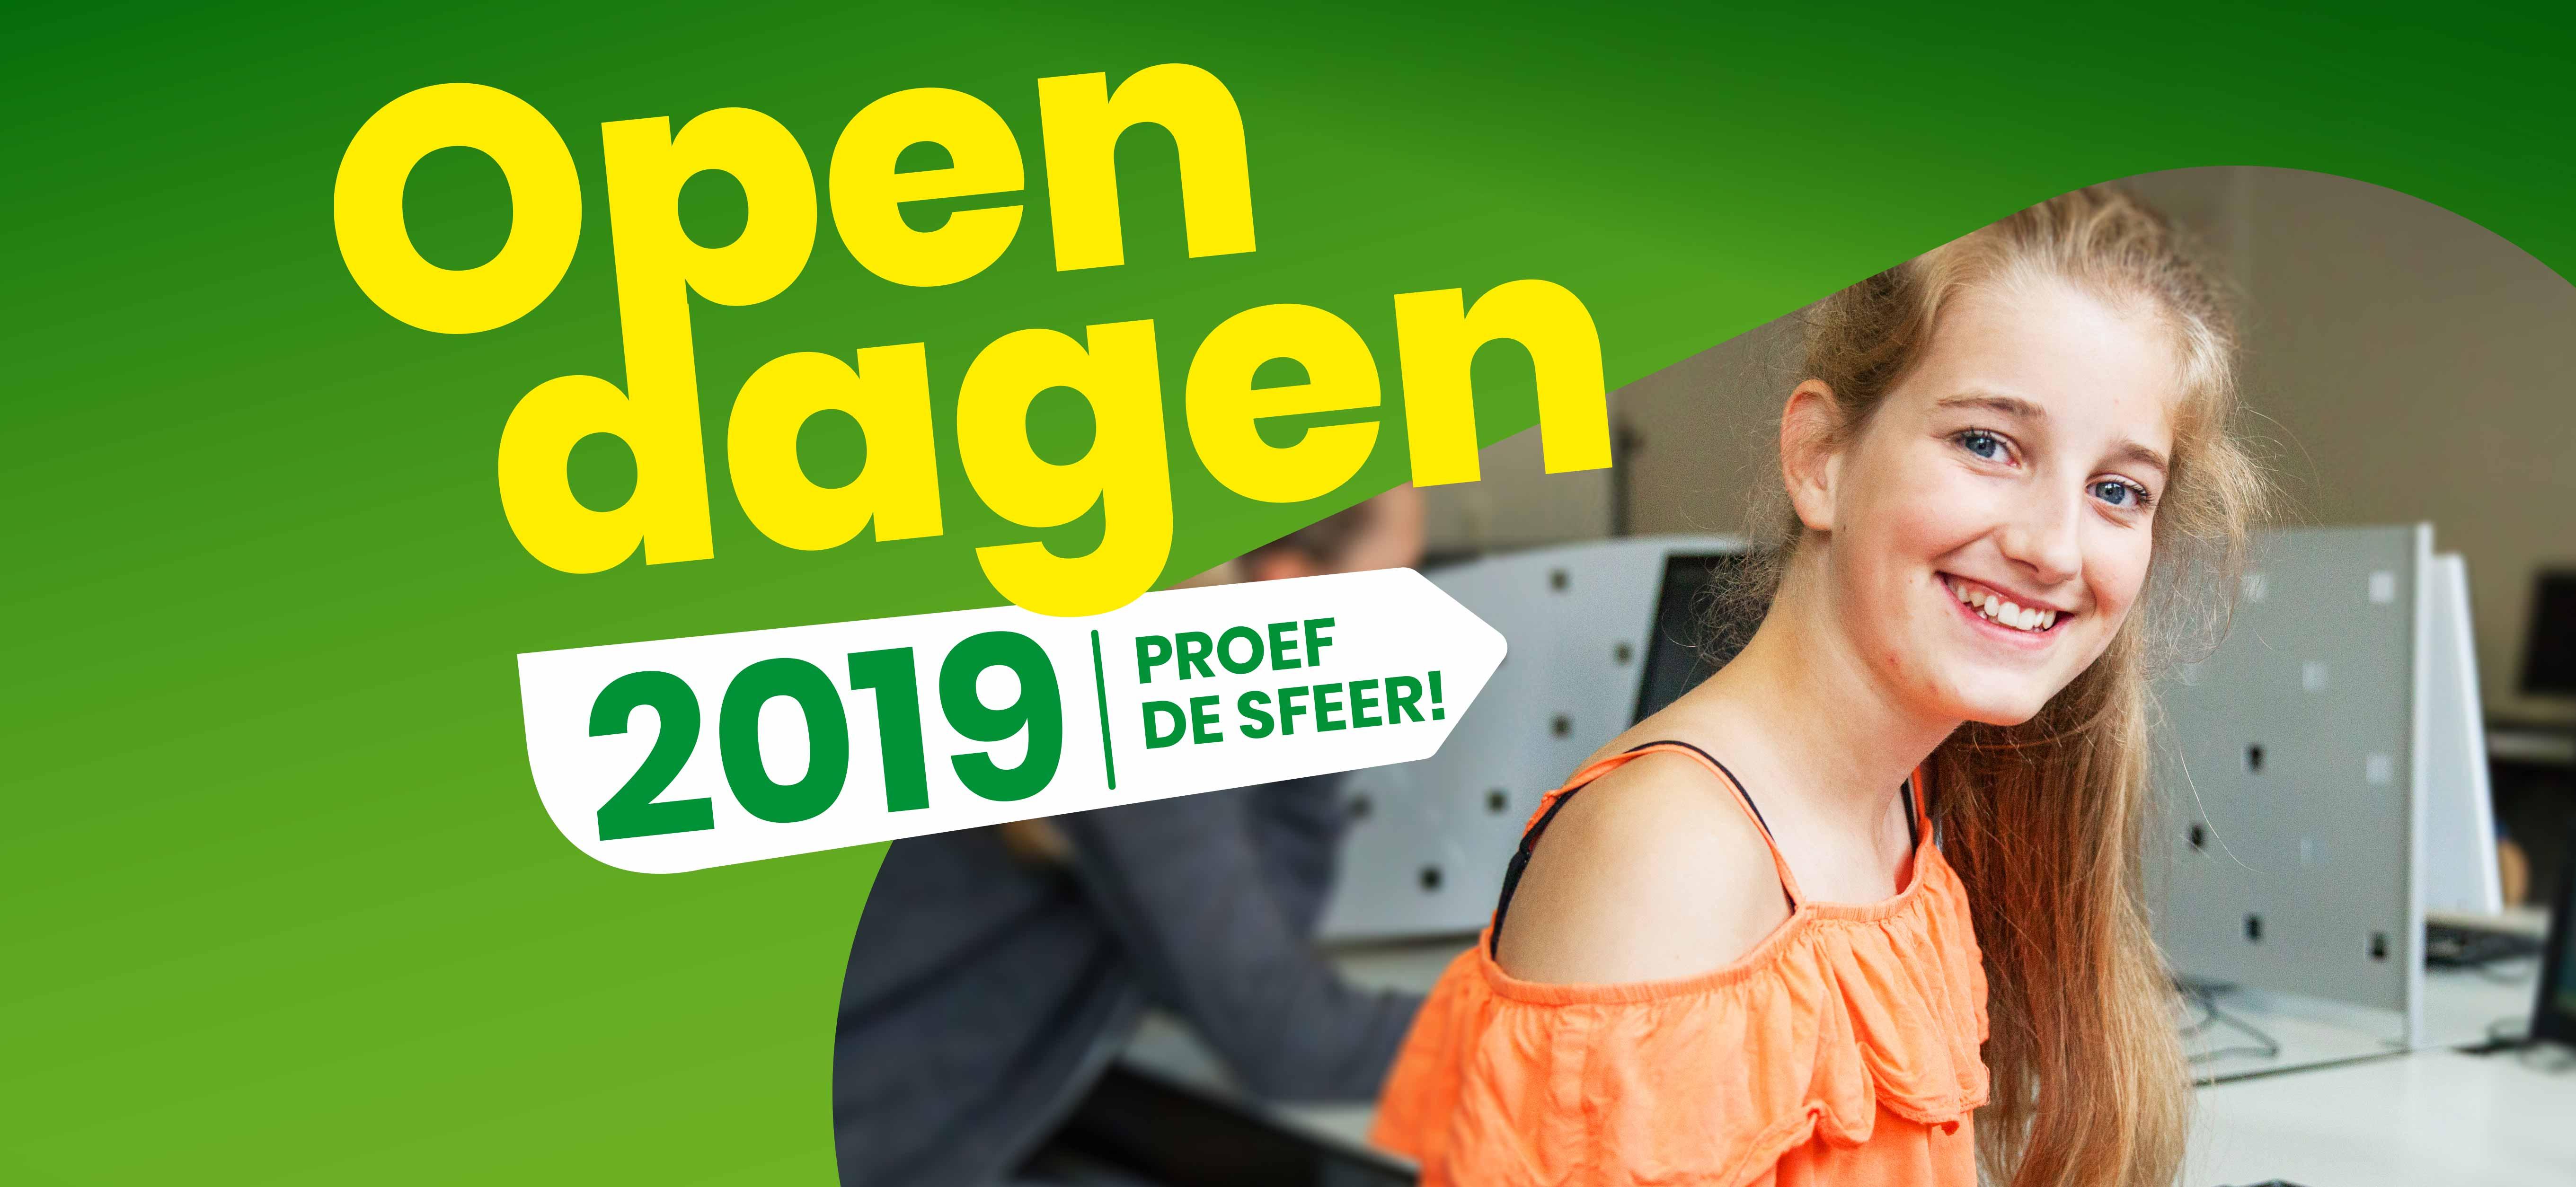 https://www.ubboemmius.nl/wp-content/uploads/2018/12/20181218_ubboemmius_online_opendagen_campagne_PAGINA_HEADER_1920x885px.jpg